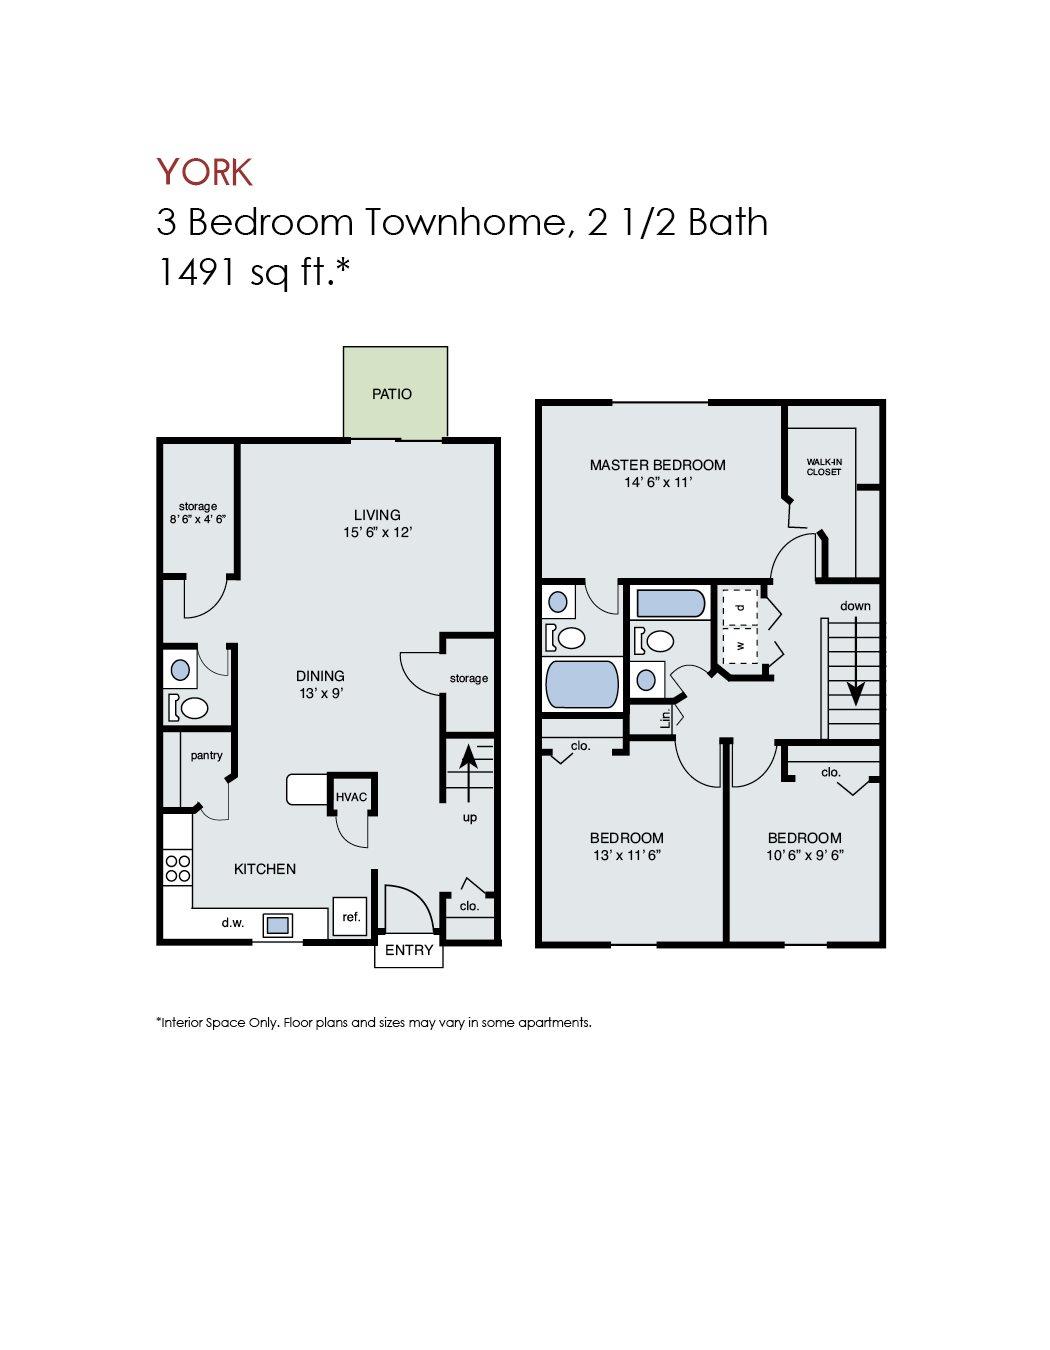 York - 3 Bedroom Townhome